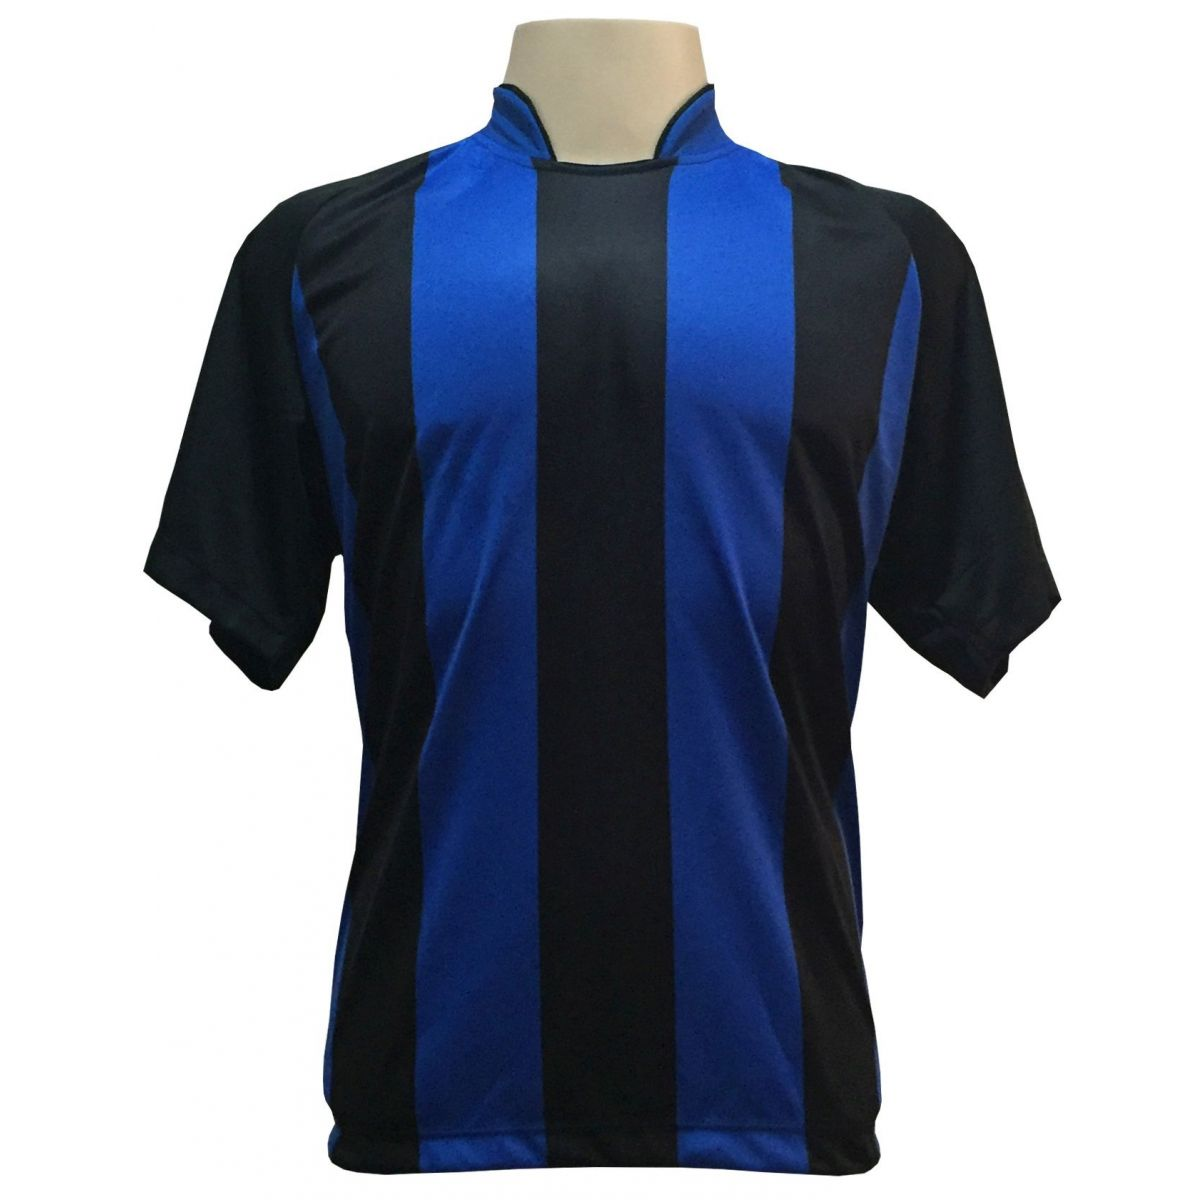 Uniforme Esportivo com 12 camisas modelo Milan Preto/Royal + 12 calções modelo Madrid Royal + Brindes